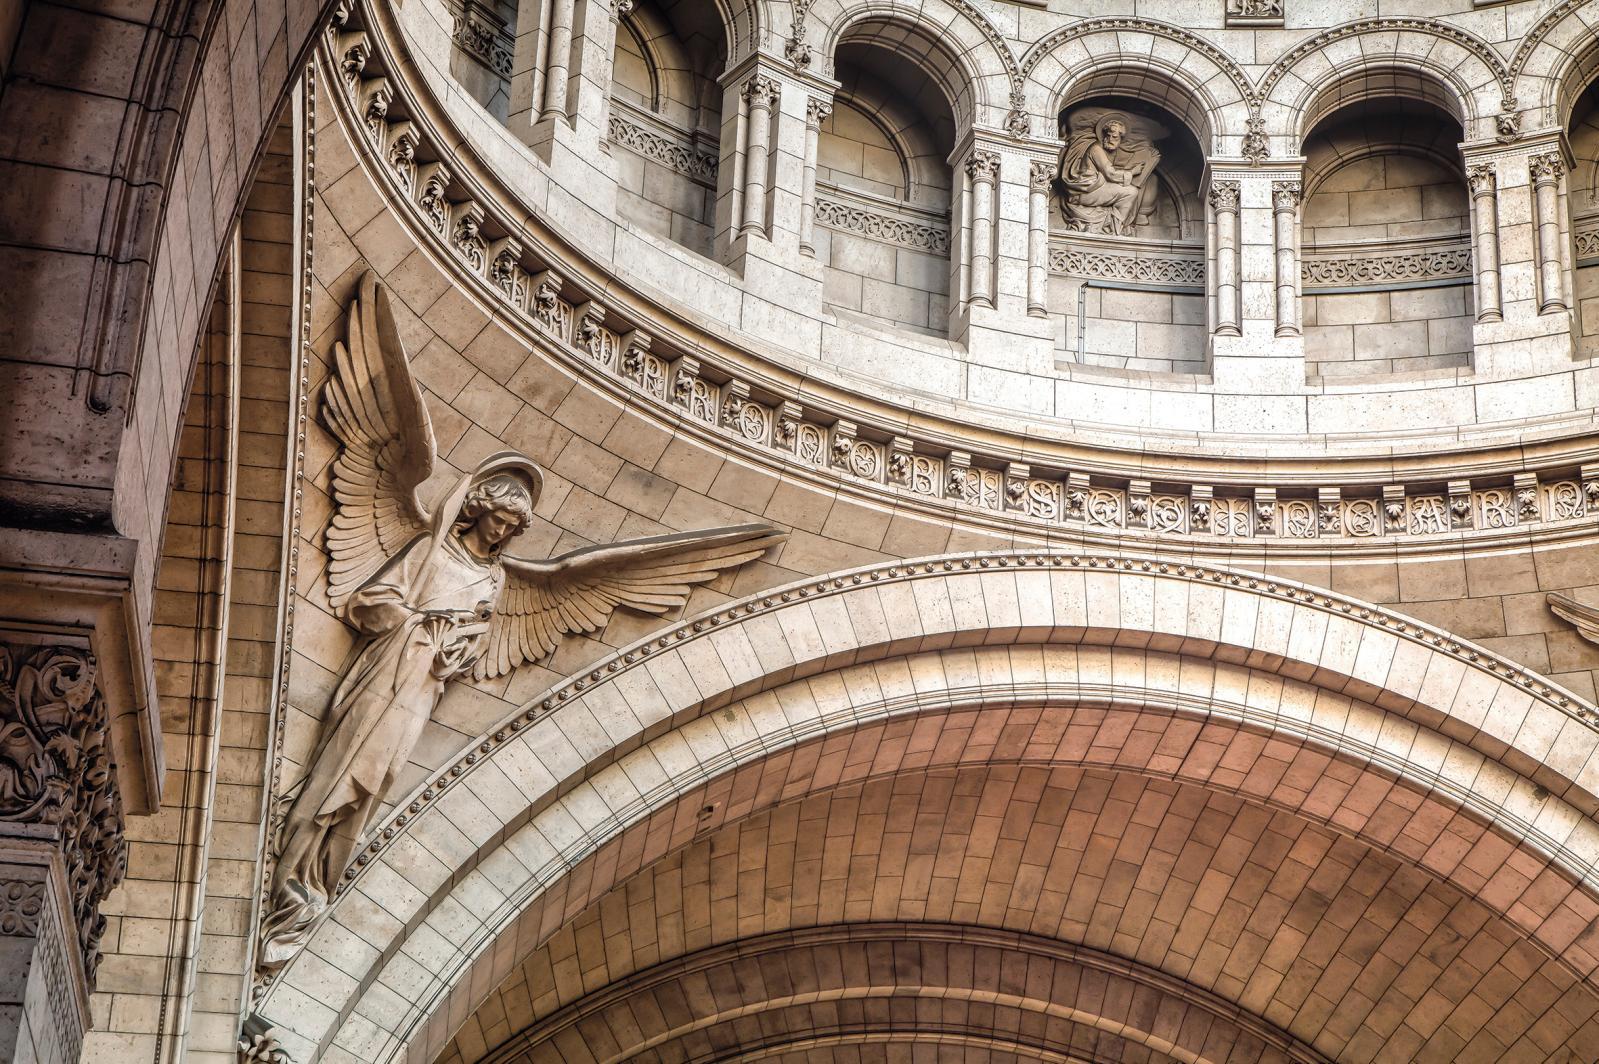 Sous la coupole centrale, l'ange de la Passion.©Basilique du Sacré-Cœur de Montmartre / Sophie Lloyd